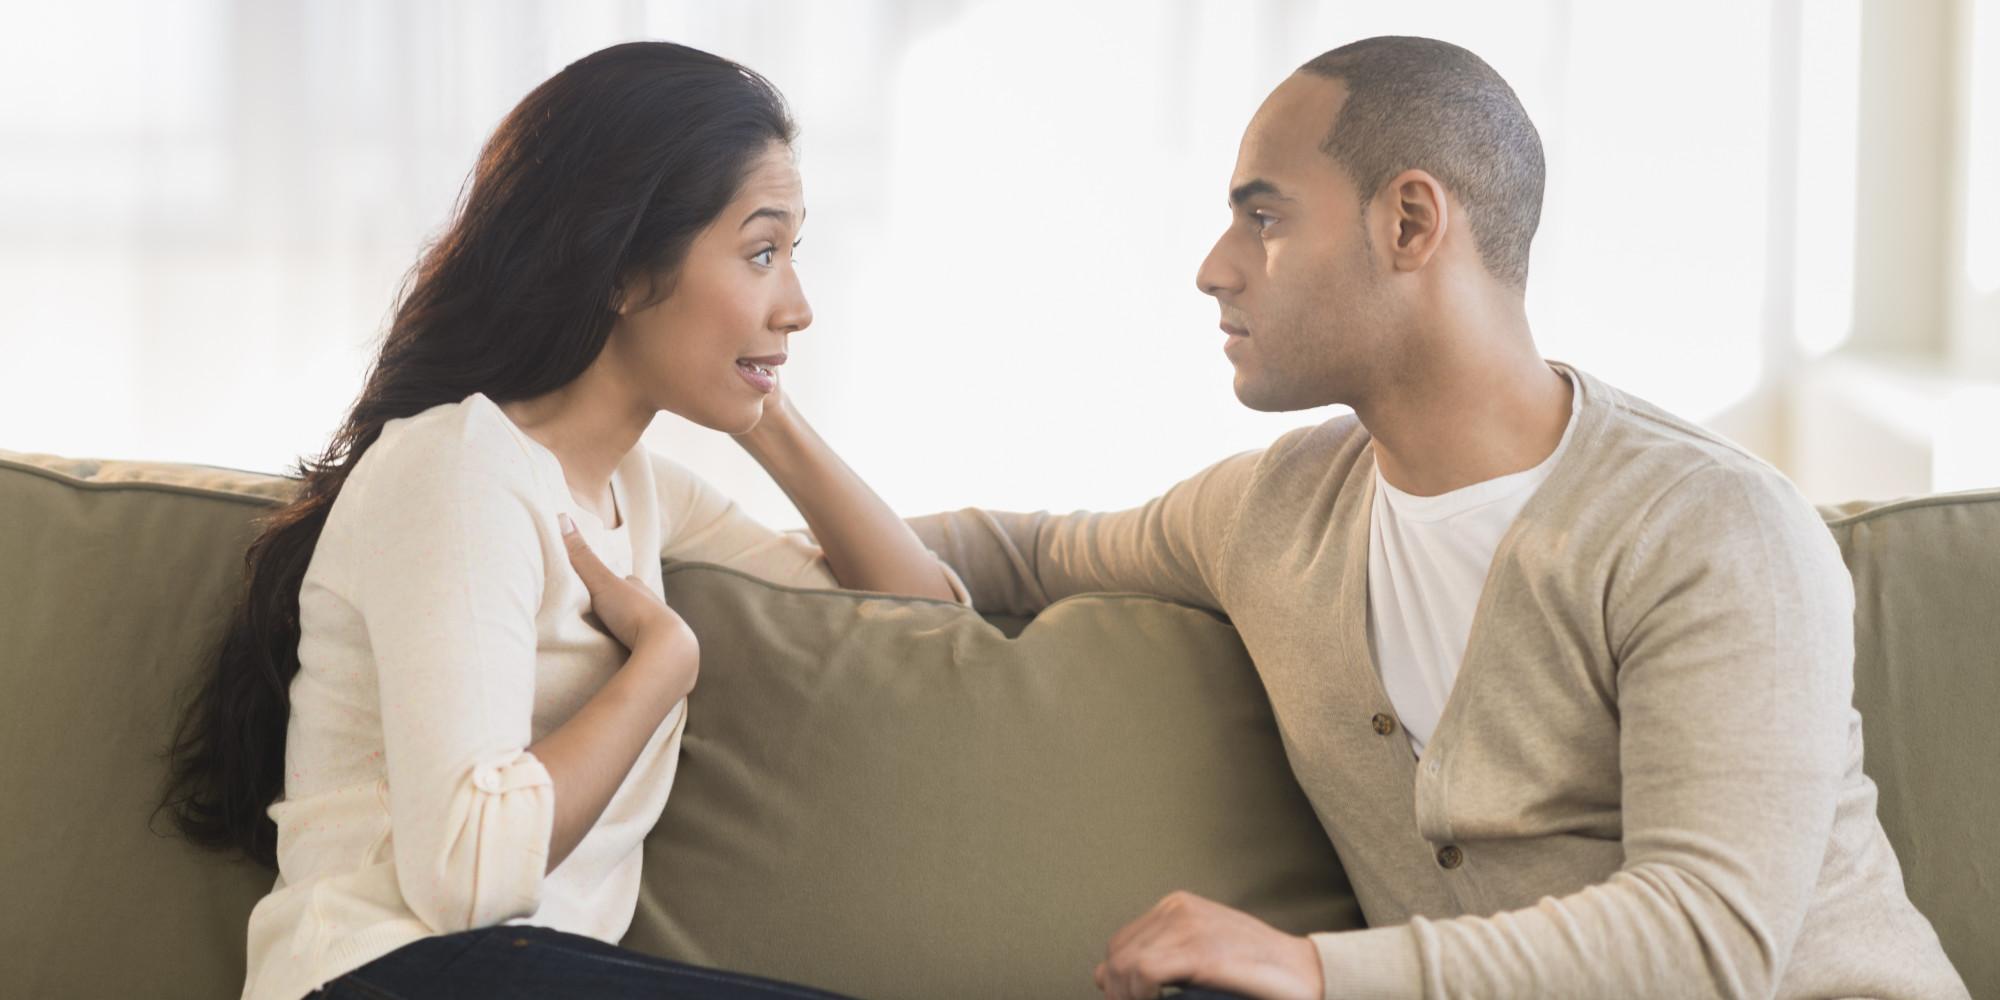 برای ازدواج هرگز سراغ این افراد نروید